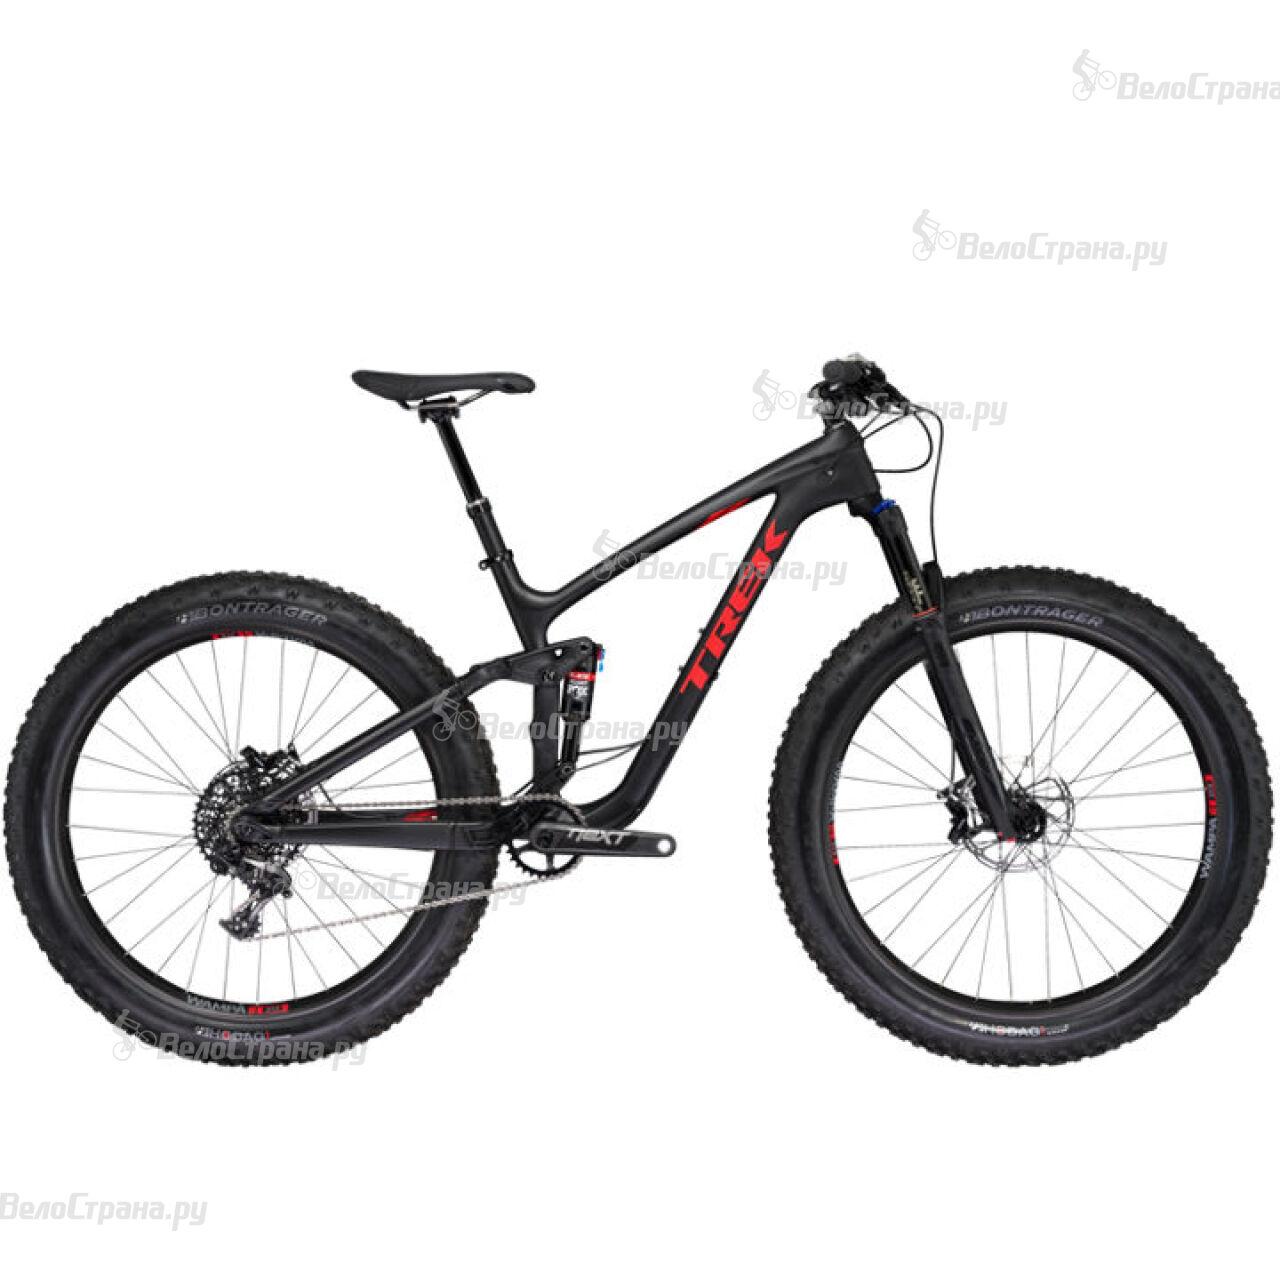 Велосипед Trek Farley EX 9.8 (2017) trek fuel ex 9 27 5